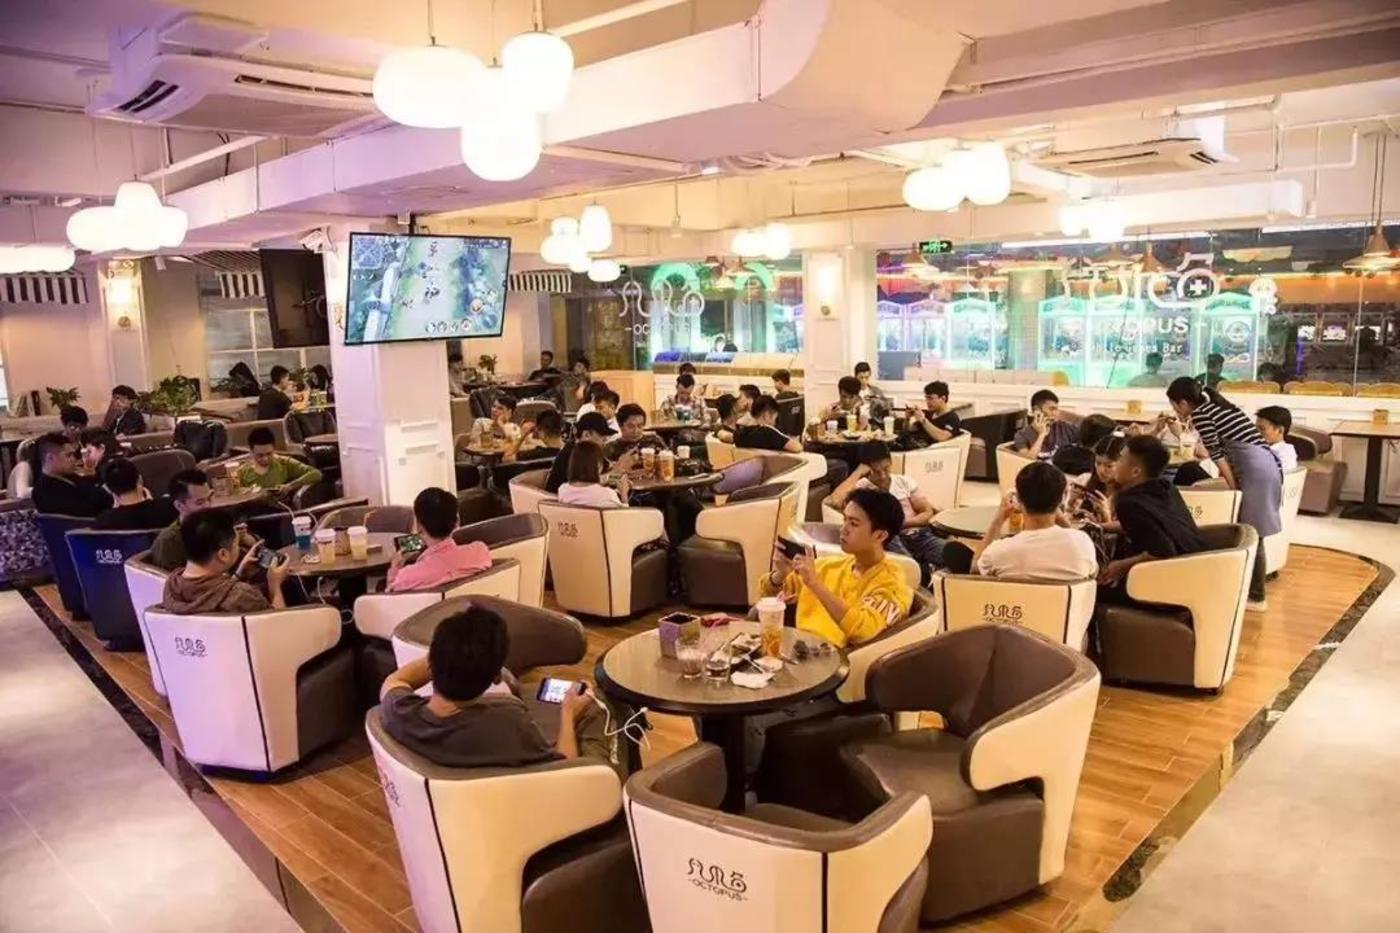 这是在台山转让的一个手游馆,使用面积300平方米 转让+设备费仅15万,可见市场有多差